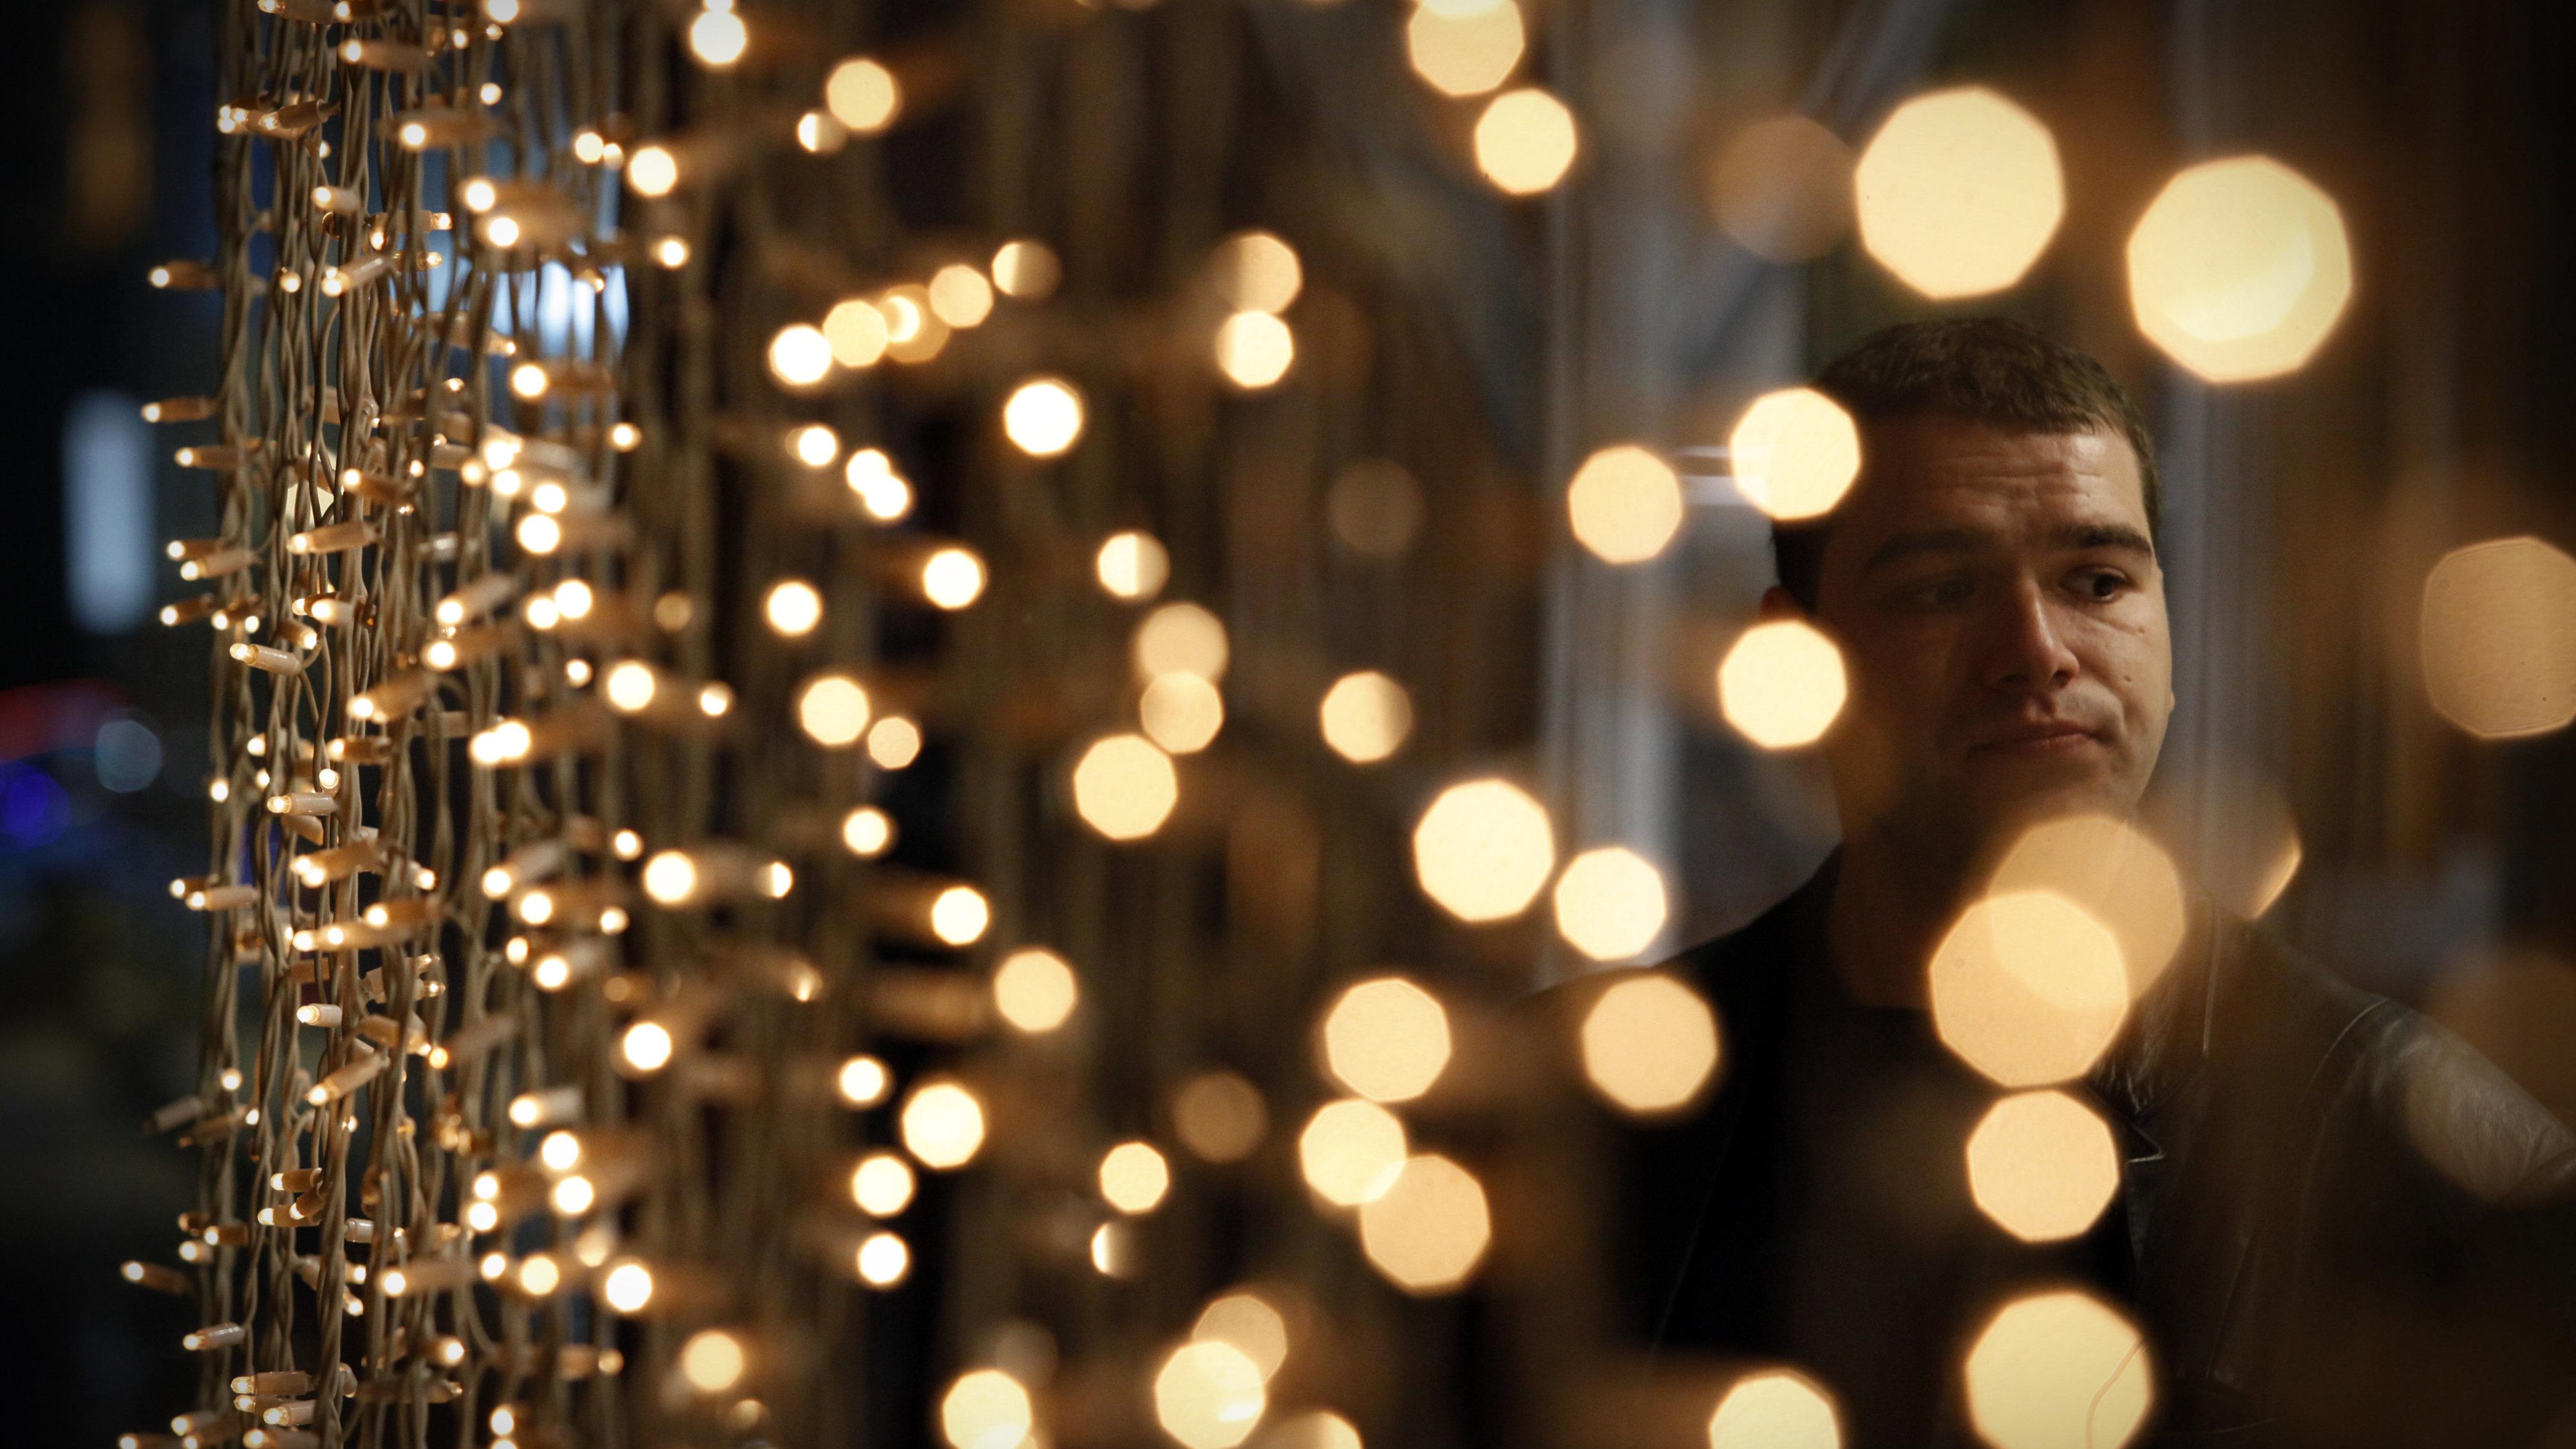 Man and christmas lights shopping